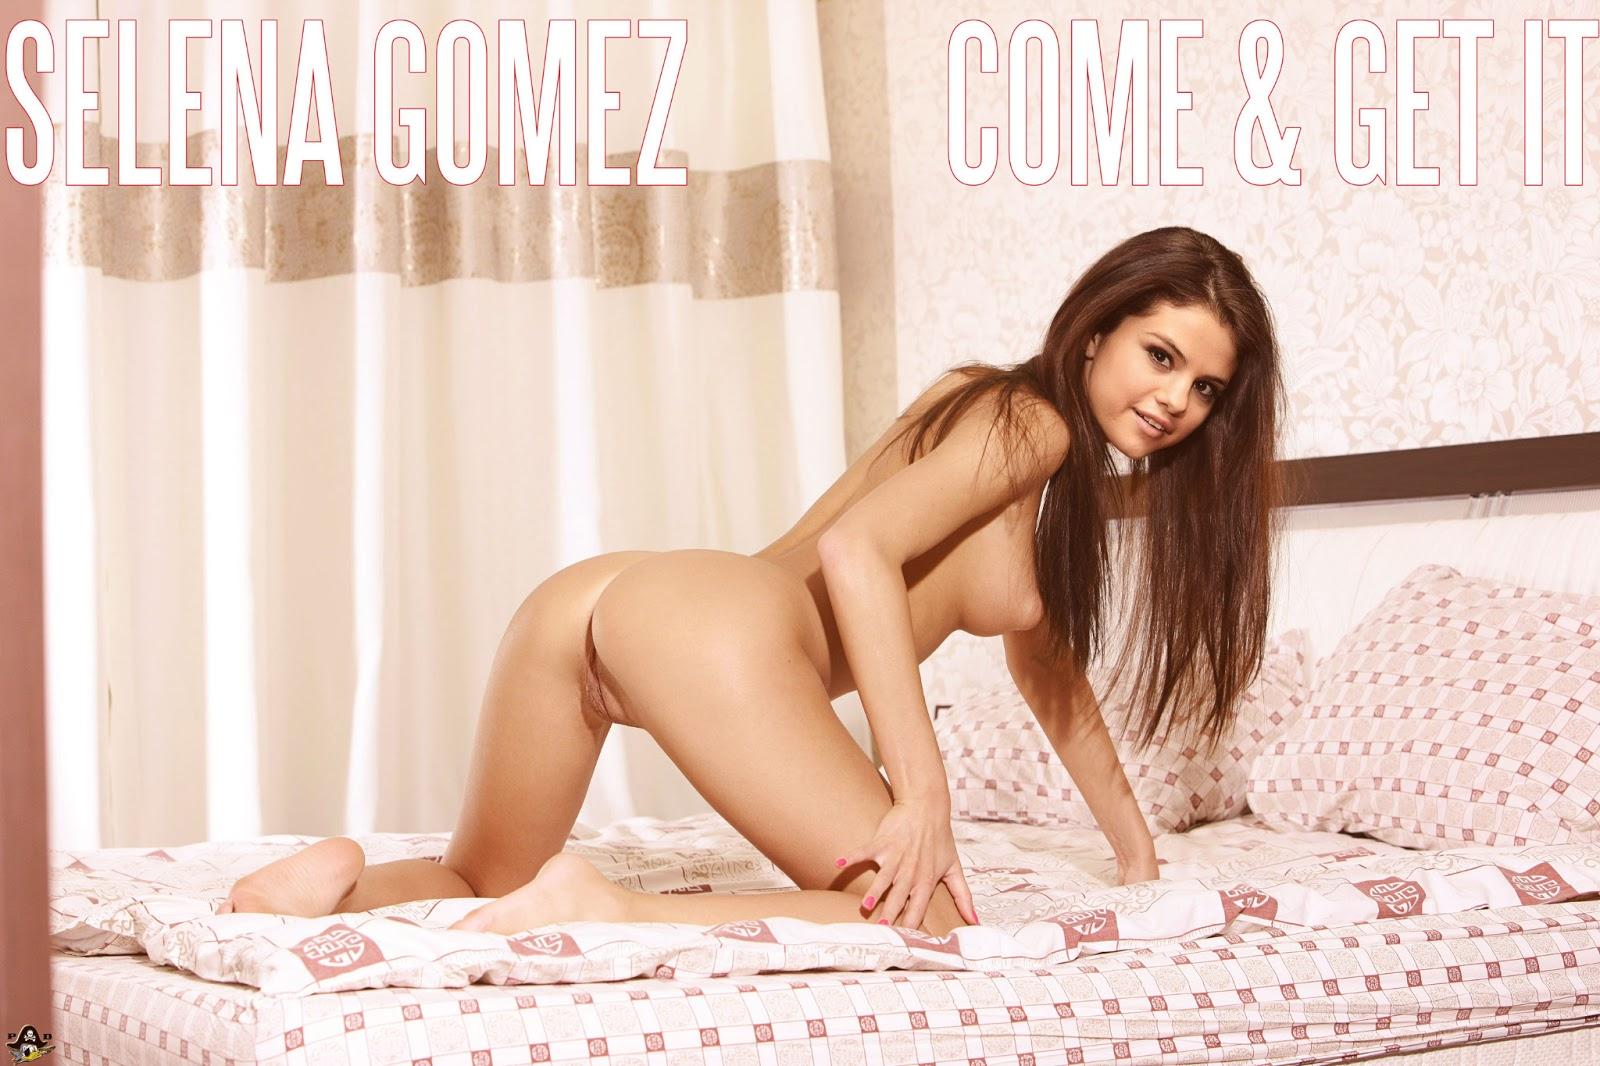 Selena gomez porn ryan and debby